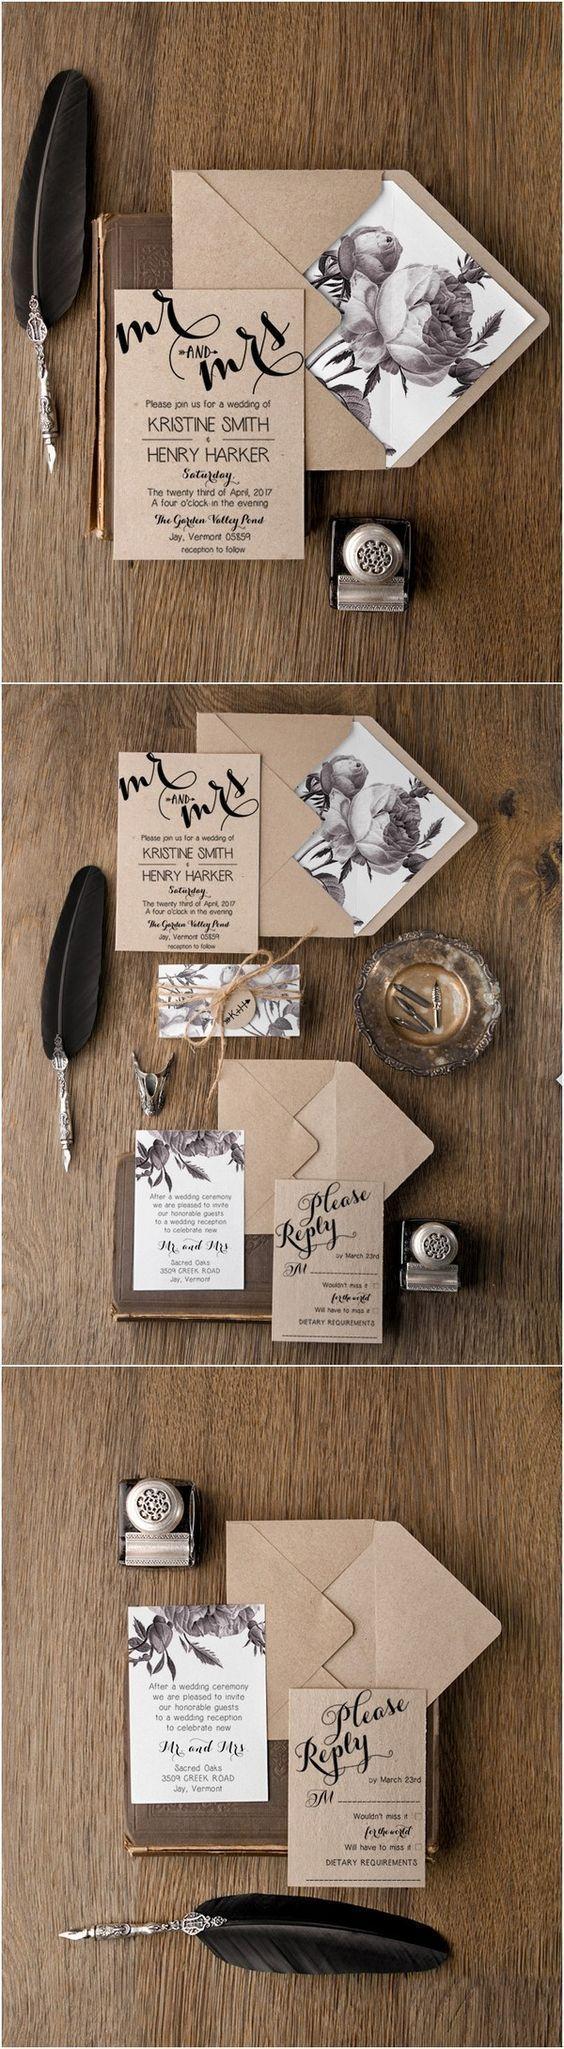 WEDDING INVITATIONS calligraphy Weddings Wedding